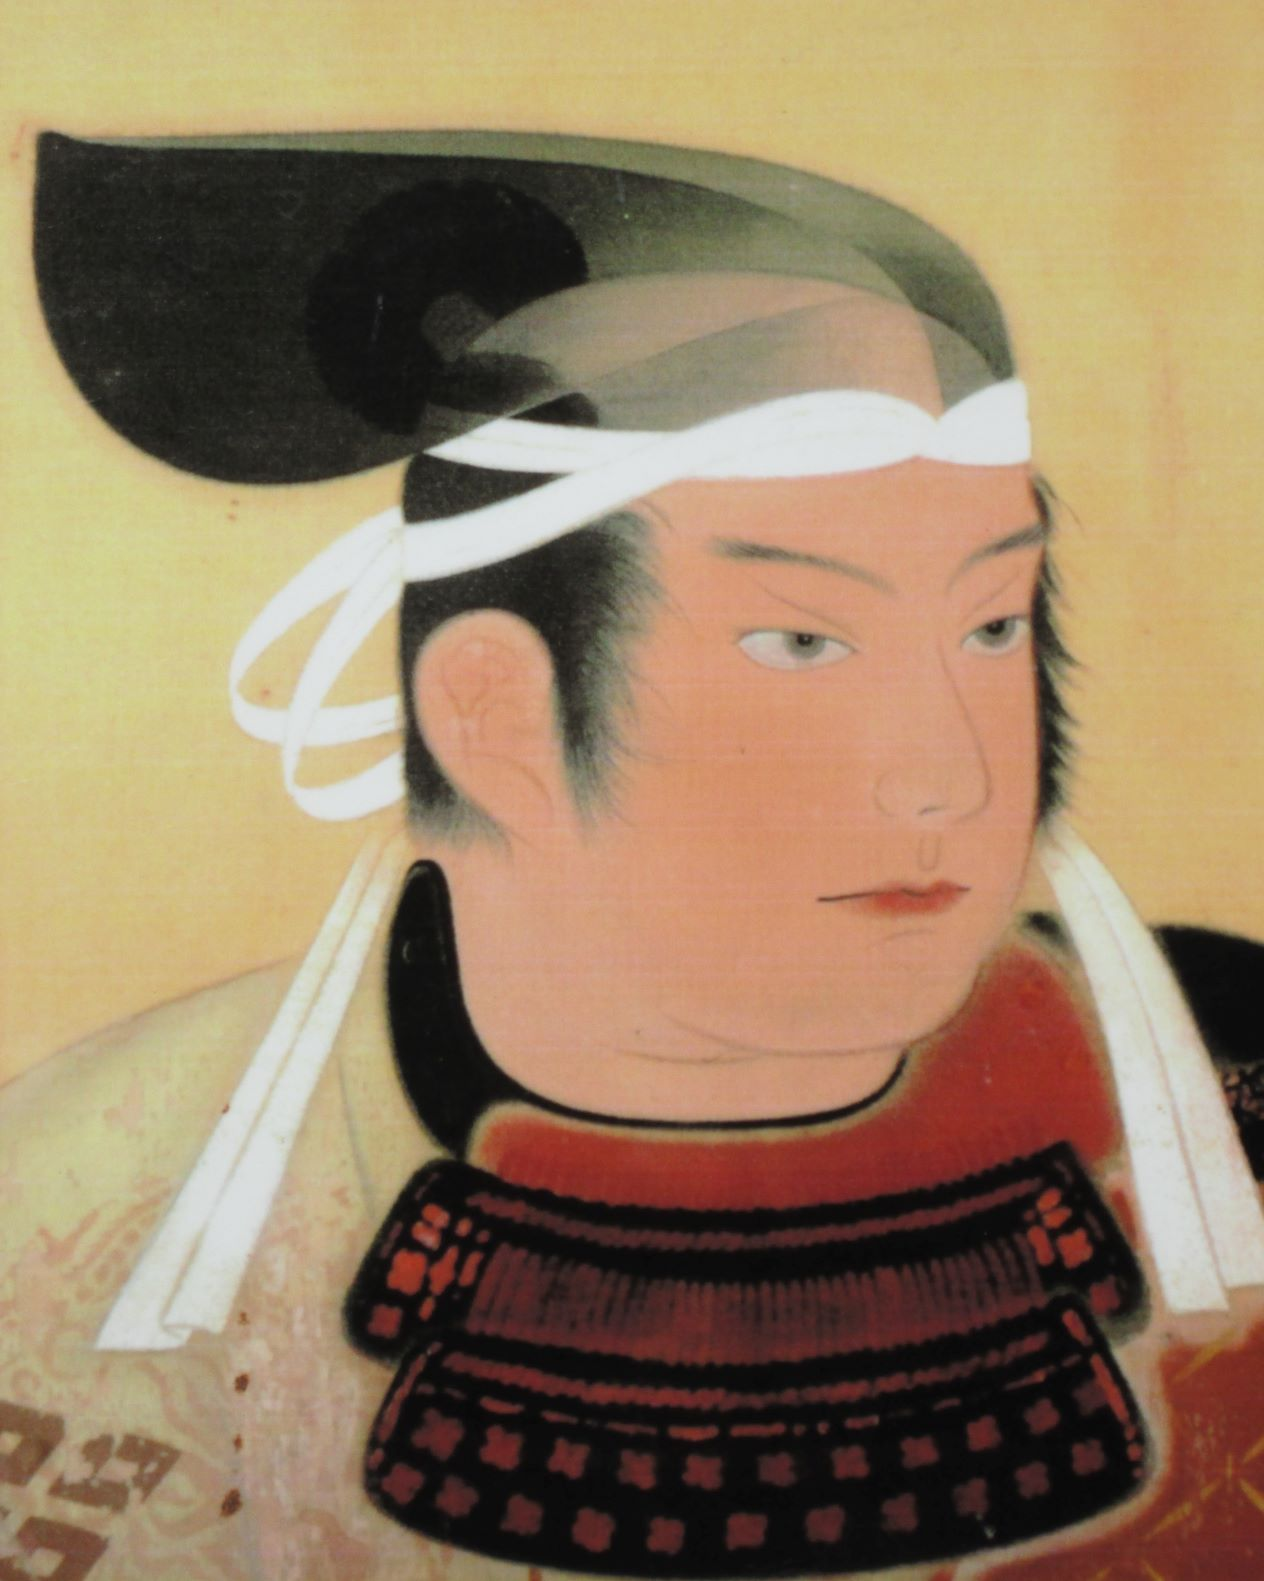 山中鹿介幸盛は戦国時代に主家復興のために戦い抜いた武将です